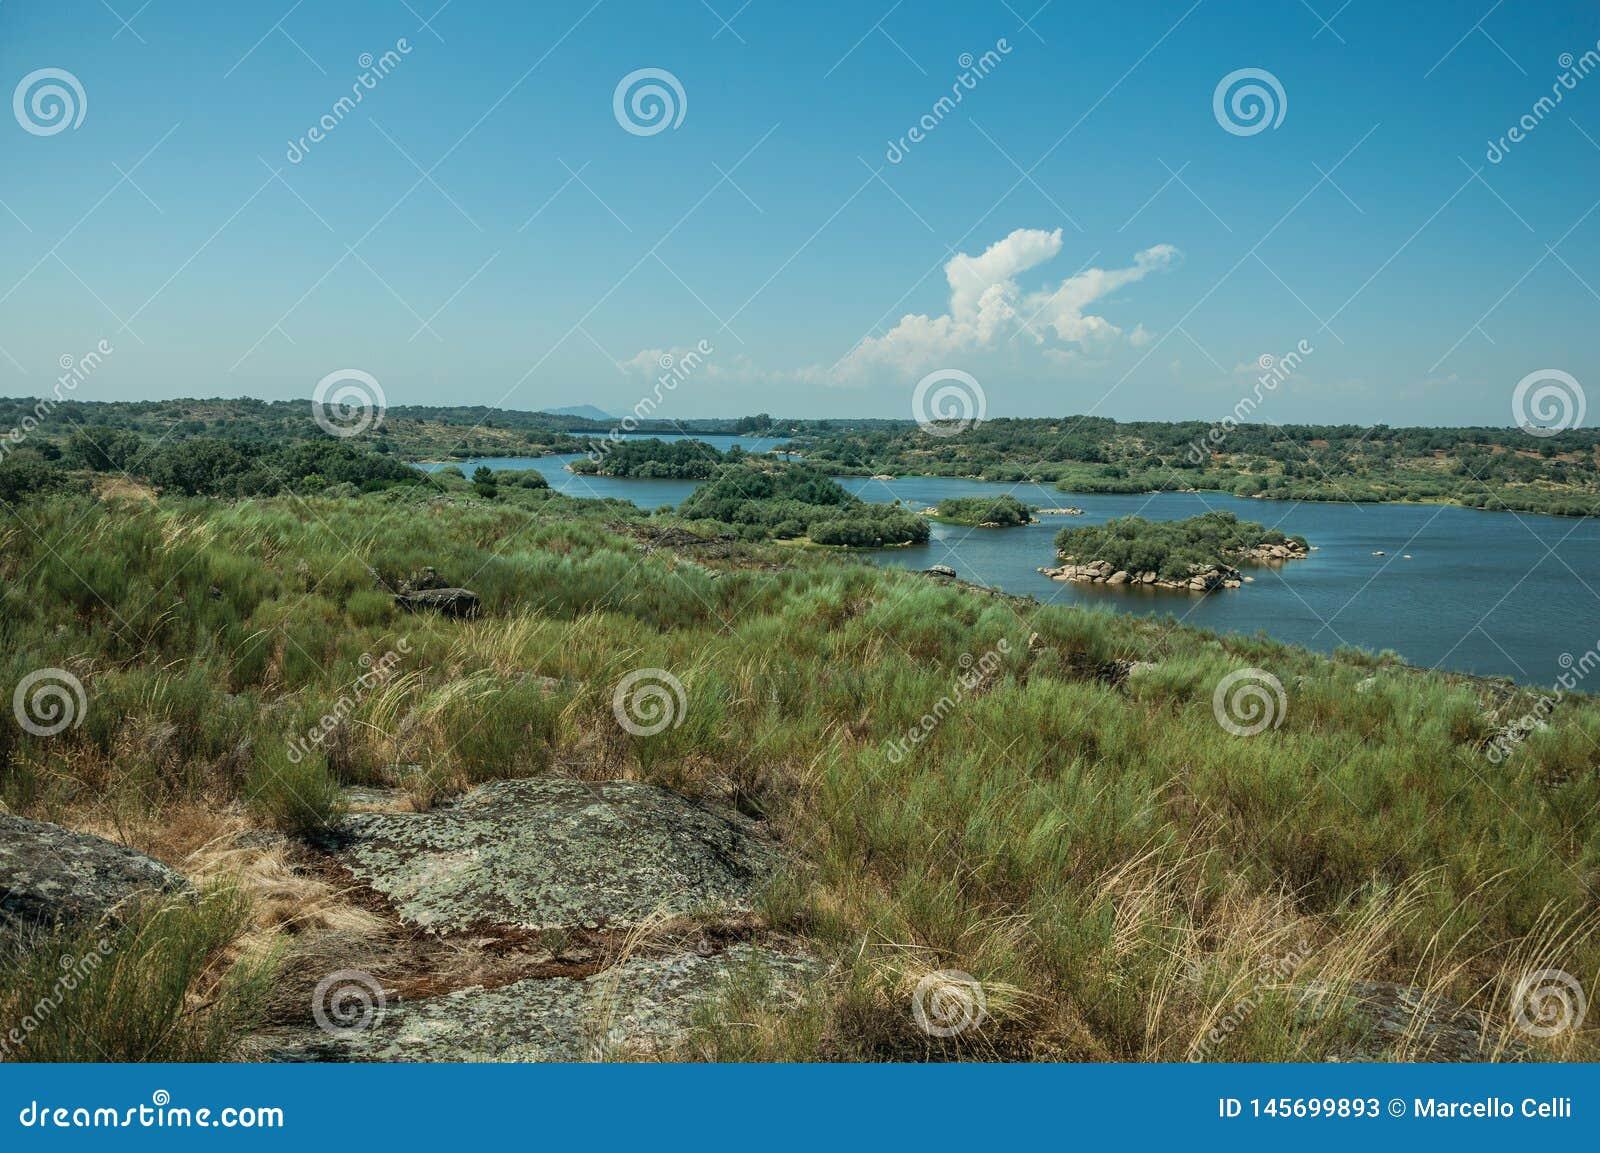 Κοιλάδα με τον ποταμό και λόφοι που καλύπτονται από τους βράχους και το χαμόκλαδο